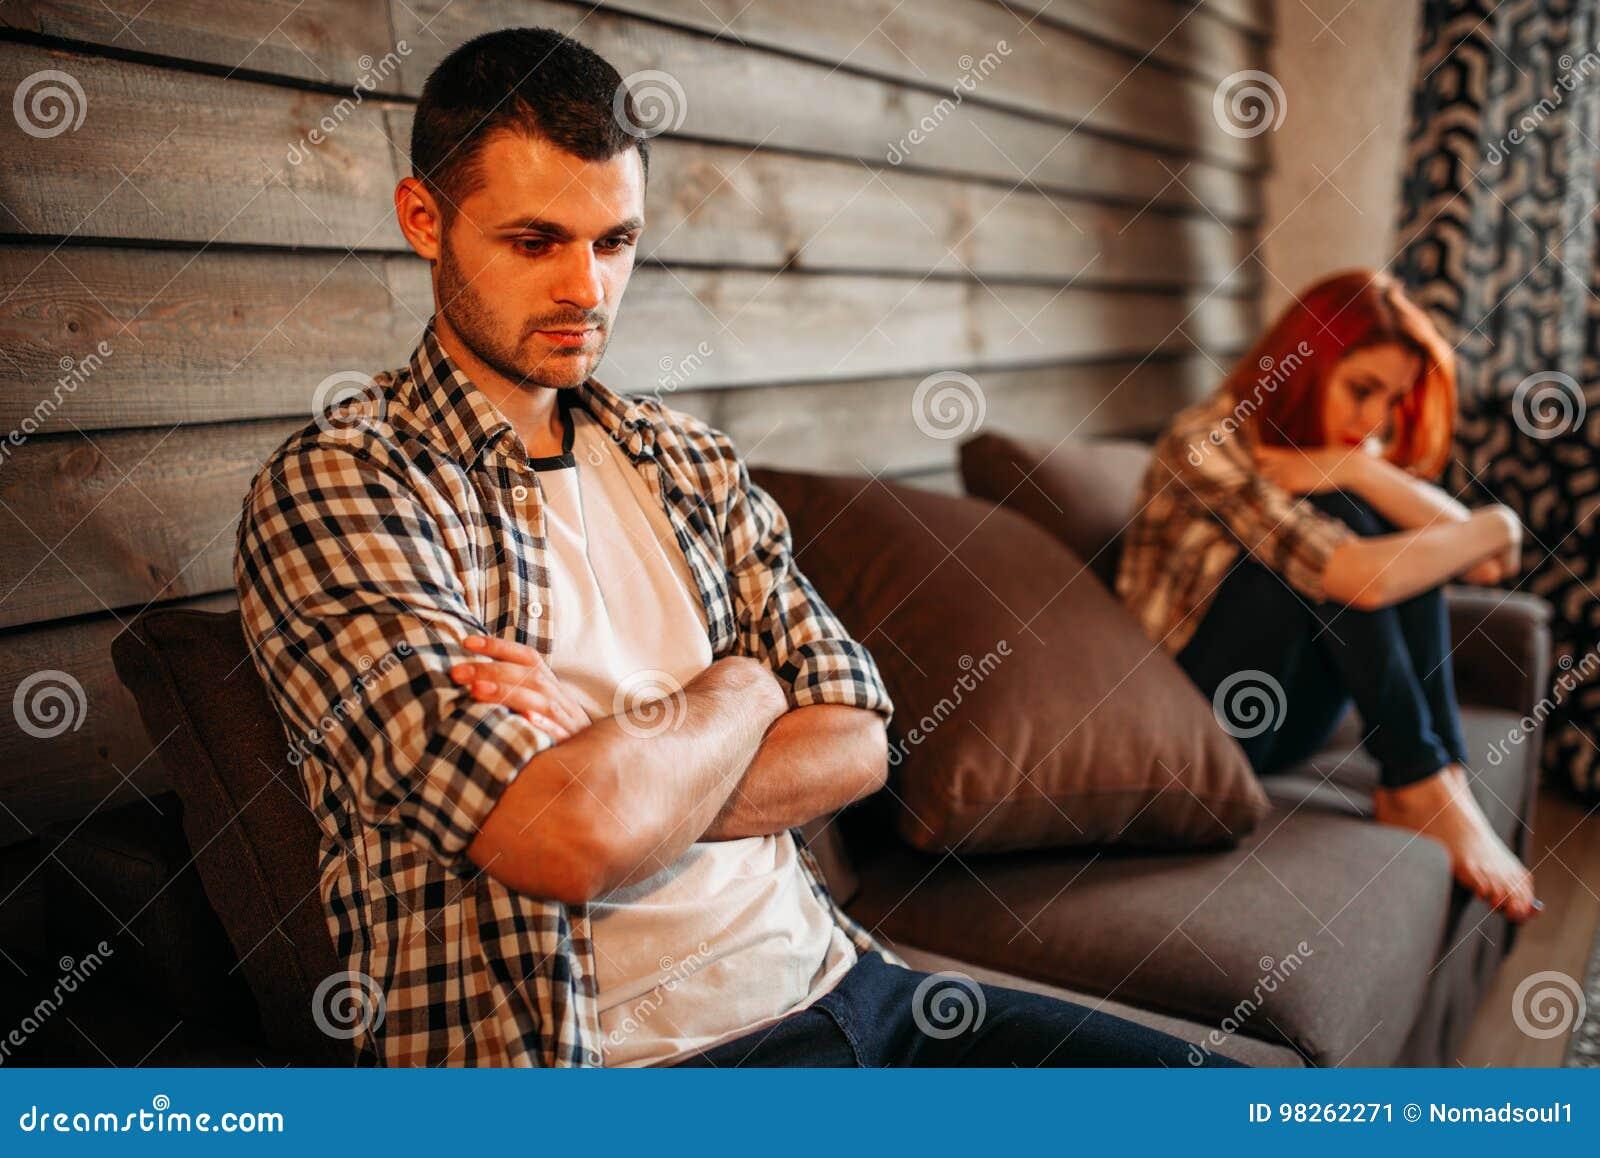 Mannen i spänning och den olyckliga kvinnan, familj grälar